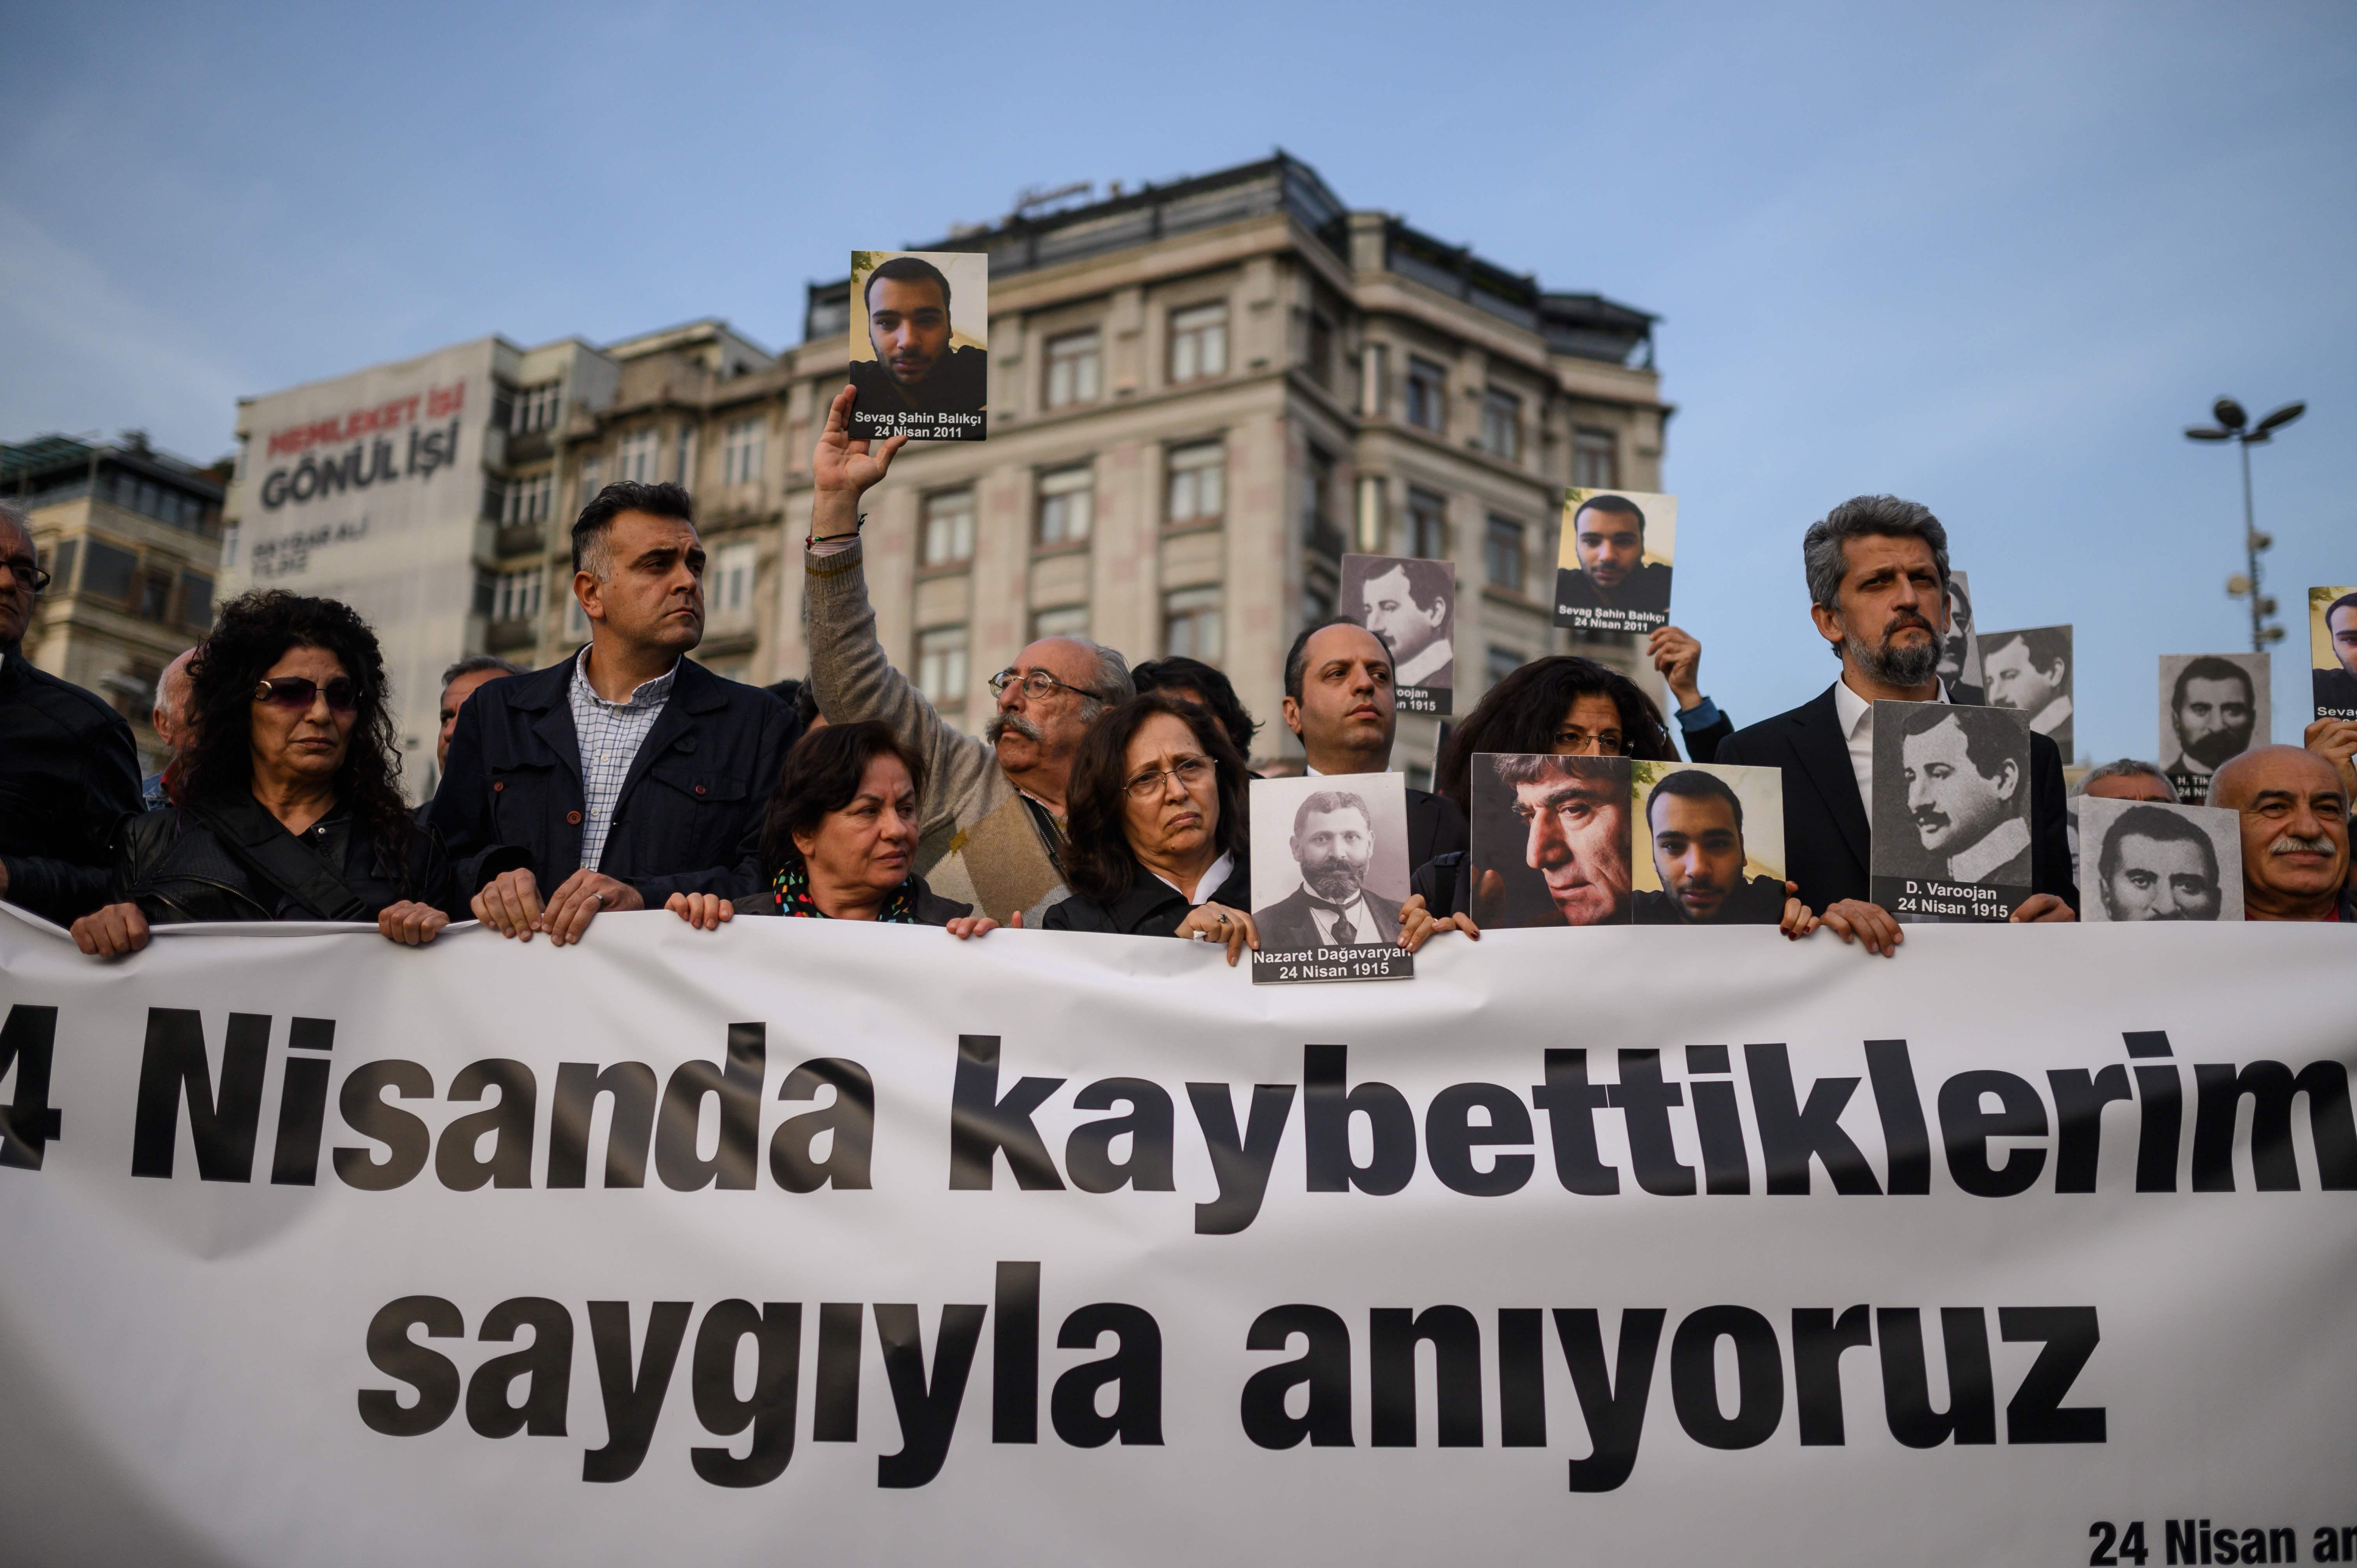 أرمنيون يرفعون صوراً لضحايا المذبحة خلال مسيرة فى إسطنبول (أ.ف.ب)